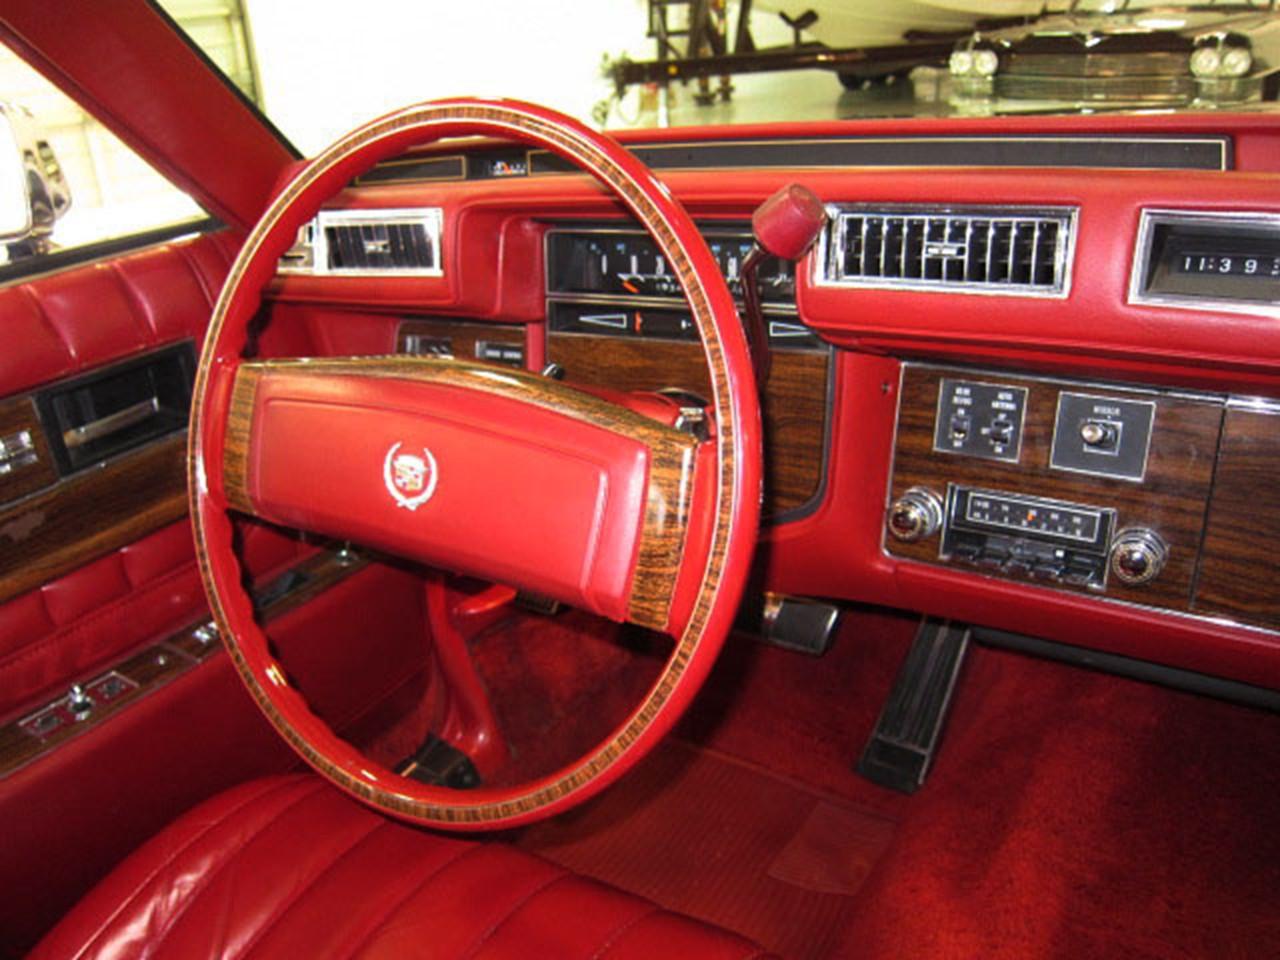 1978 Cadillac Seville  NotoriousLuxury